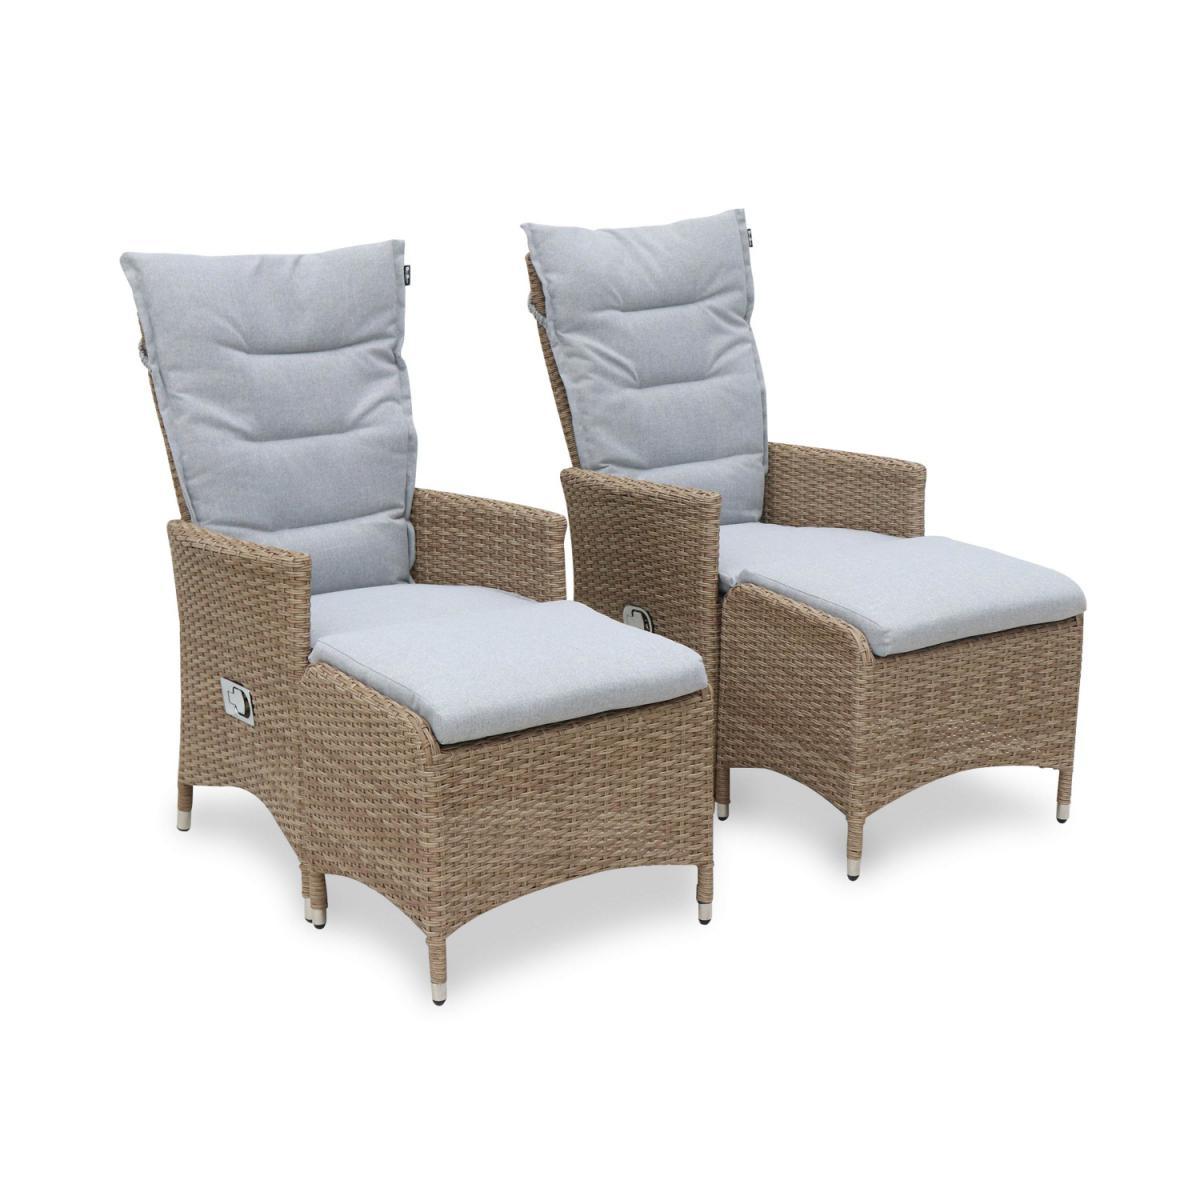 Alice'S Garden 2 fauteuils de jardin en résine beige avec repose-pieds et coussins gris clair ? CAPRI - fauteuil inclinable